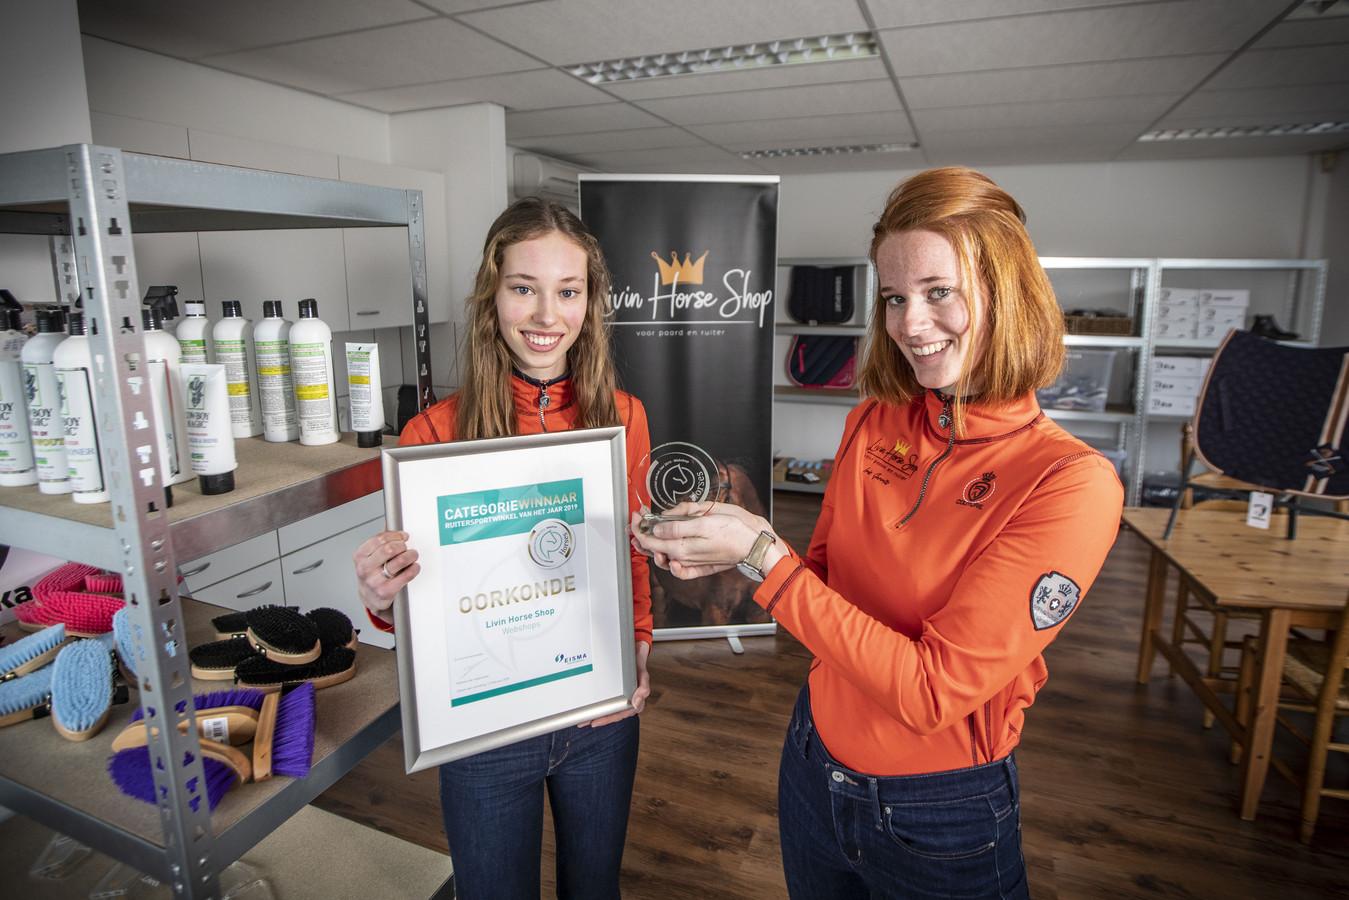 De  zussen Iris (rechts) en Lise-Lott Gerrits uit Rossum wonnen een landelijke prijs met hun webshop in artikelen voor de paardensport. Nu openen ze hun eigen winkel in De Lutte.